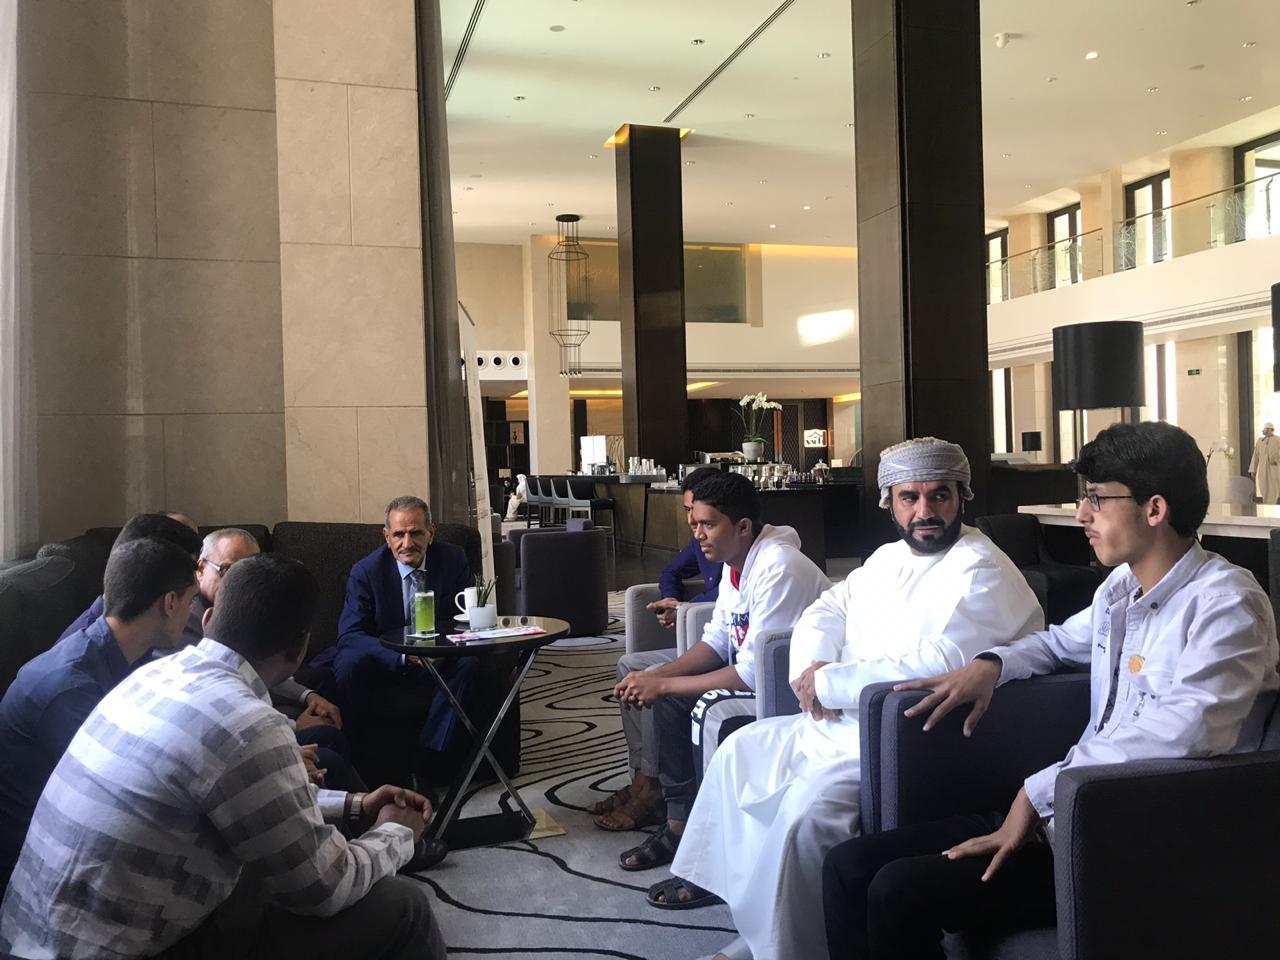 وزير التربية والتعليم د.عبدالله لملس يزور الطلاب المشاركين في الاولمبياد بمسقط